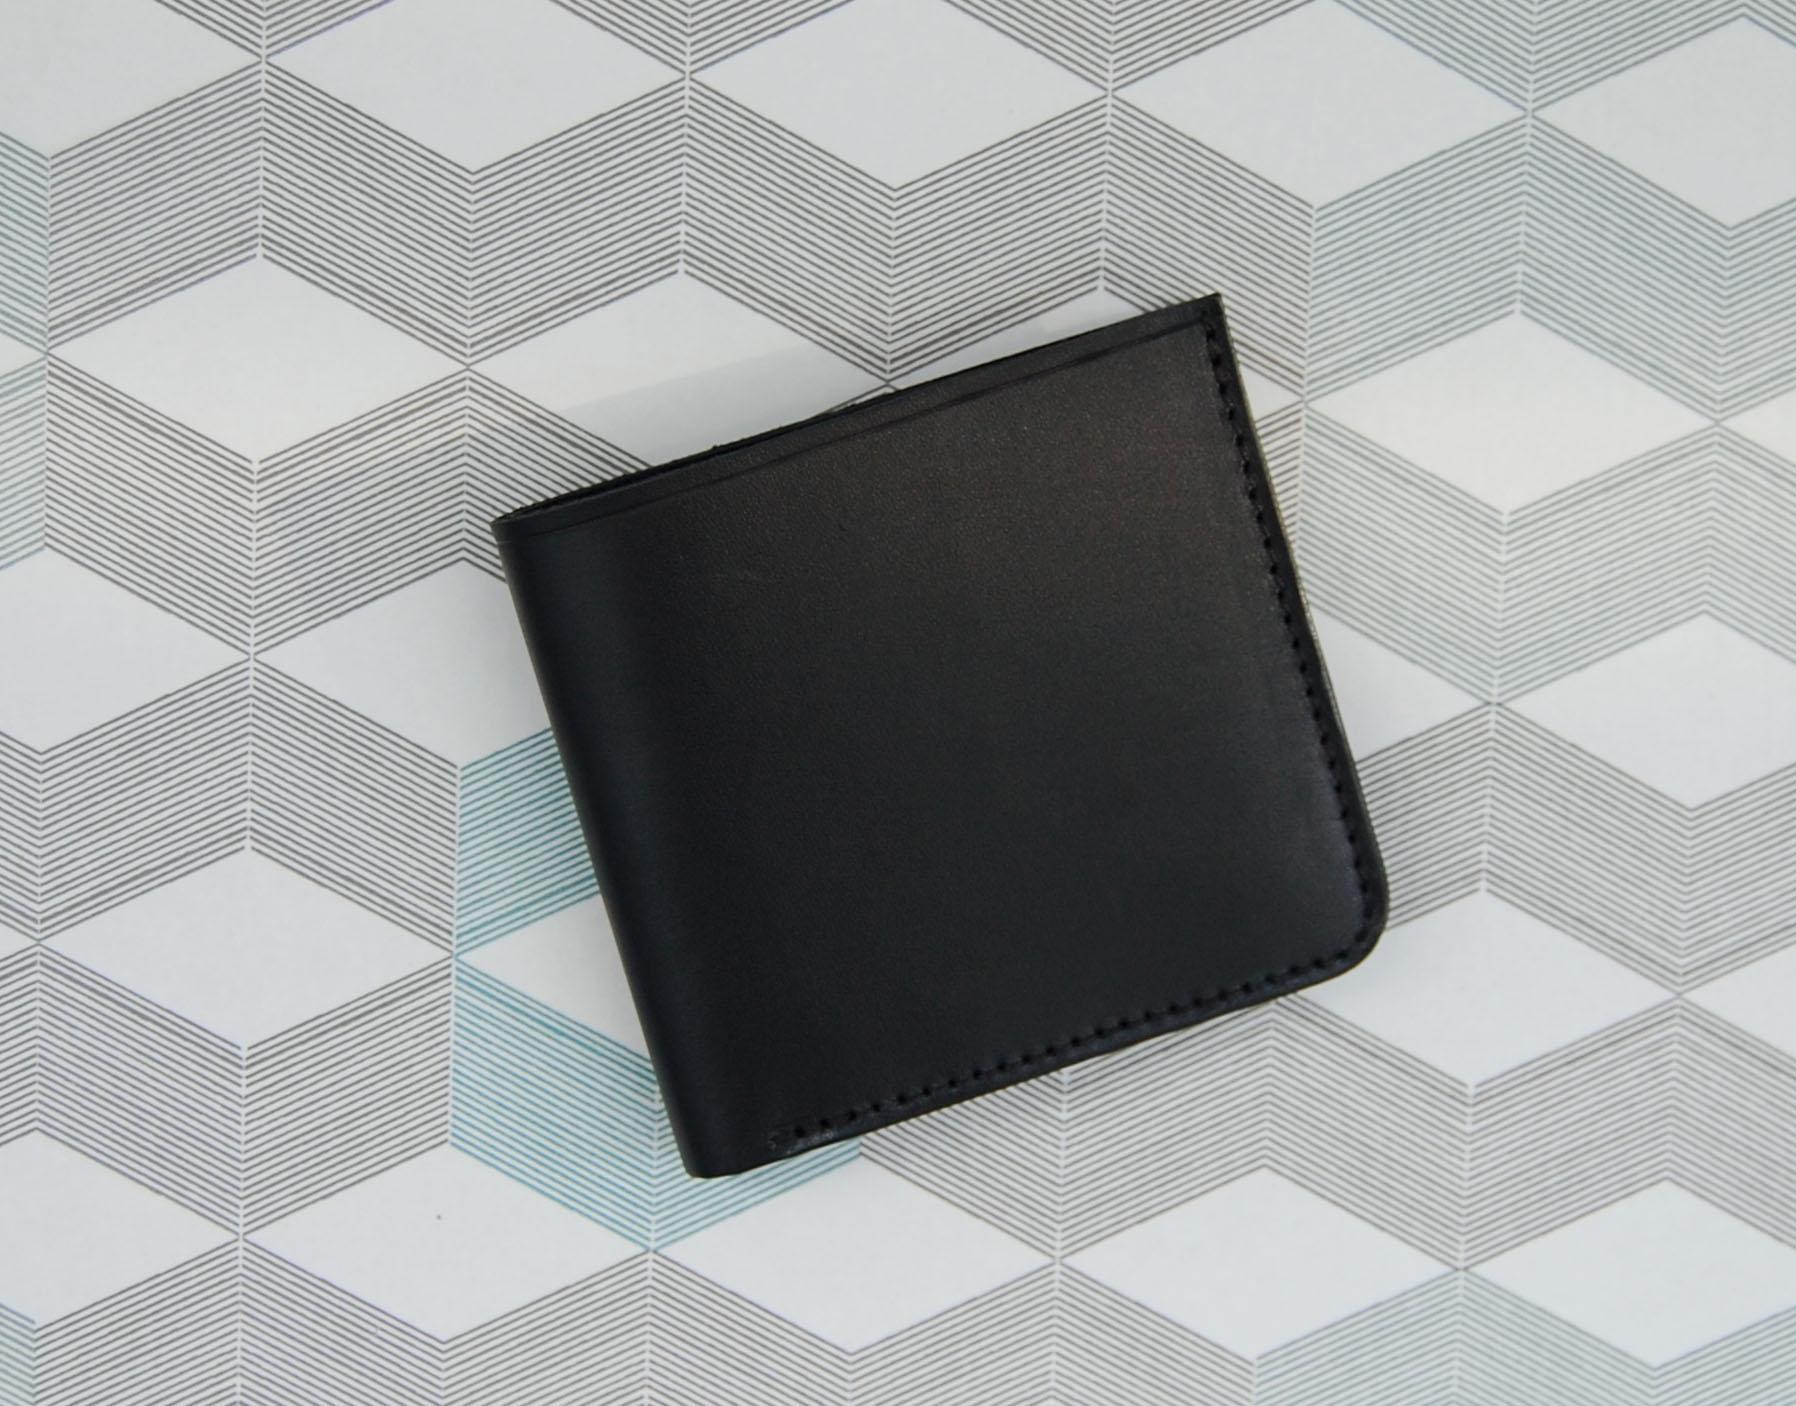 ad096b1dae98 Кожаный черный кошелек Wave Black в магазине «Soroko» на Ламбада-маркете